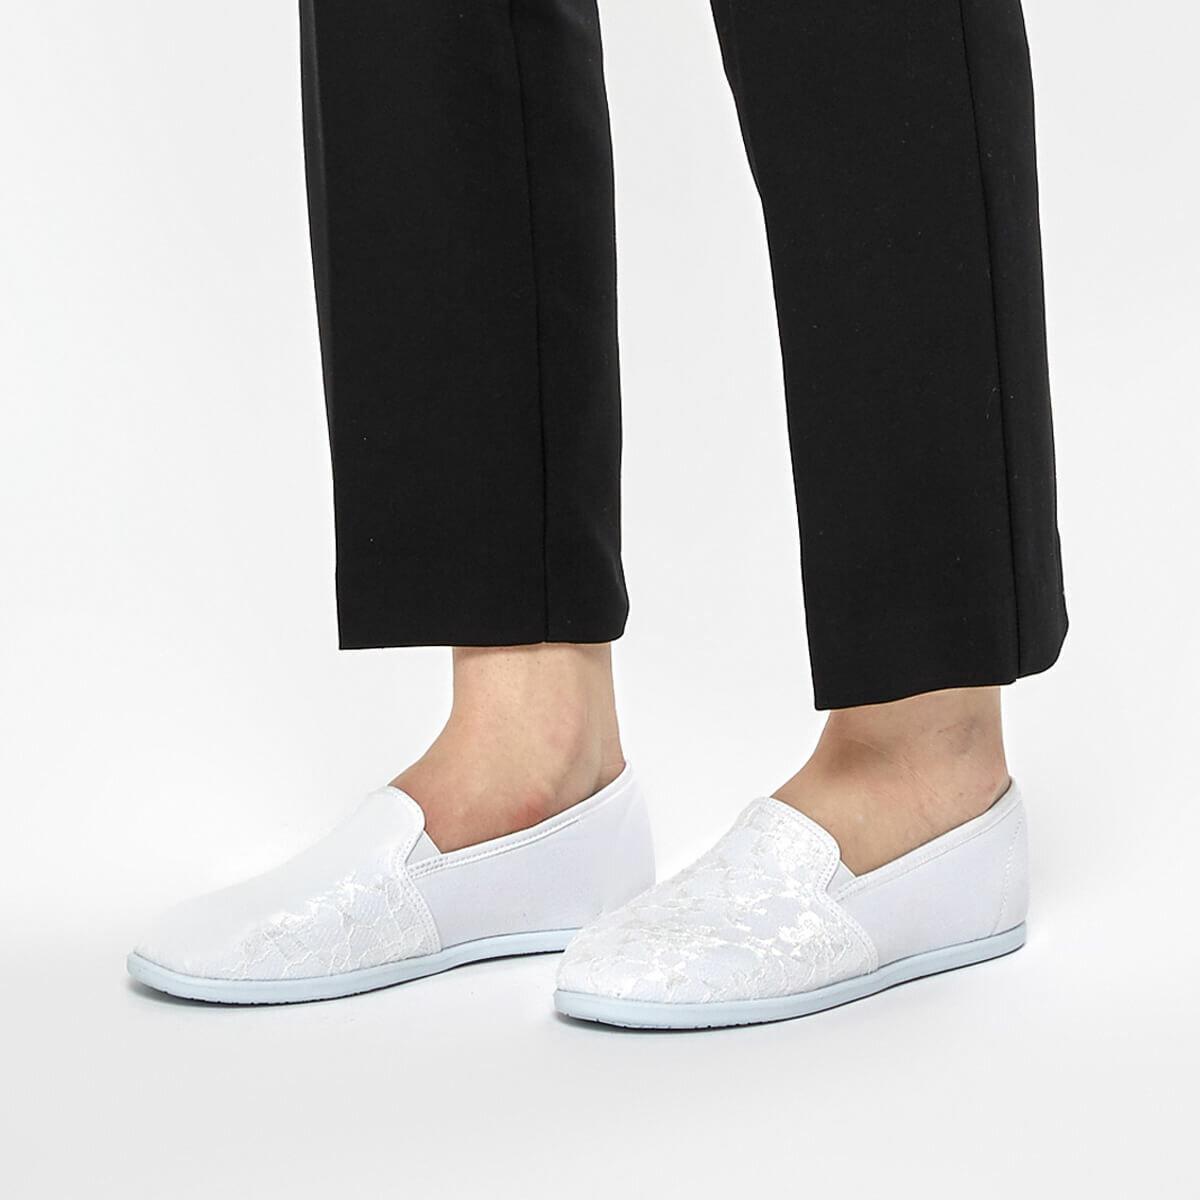 FLO CS19001 White Women Slip On Shoes Art Bella